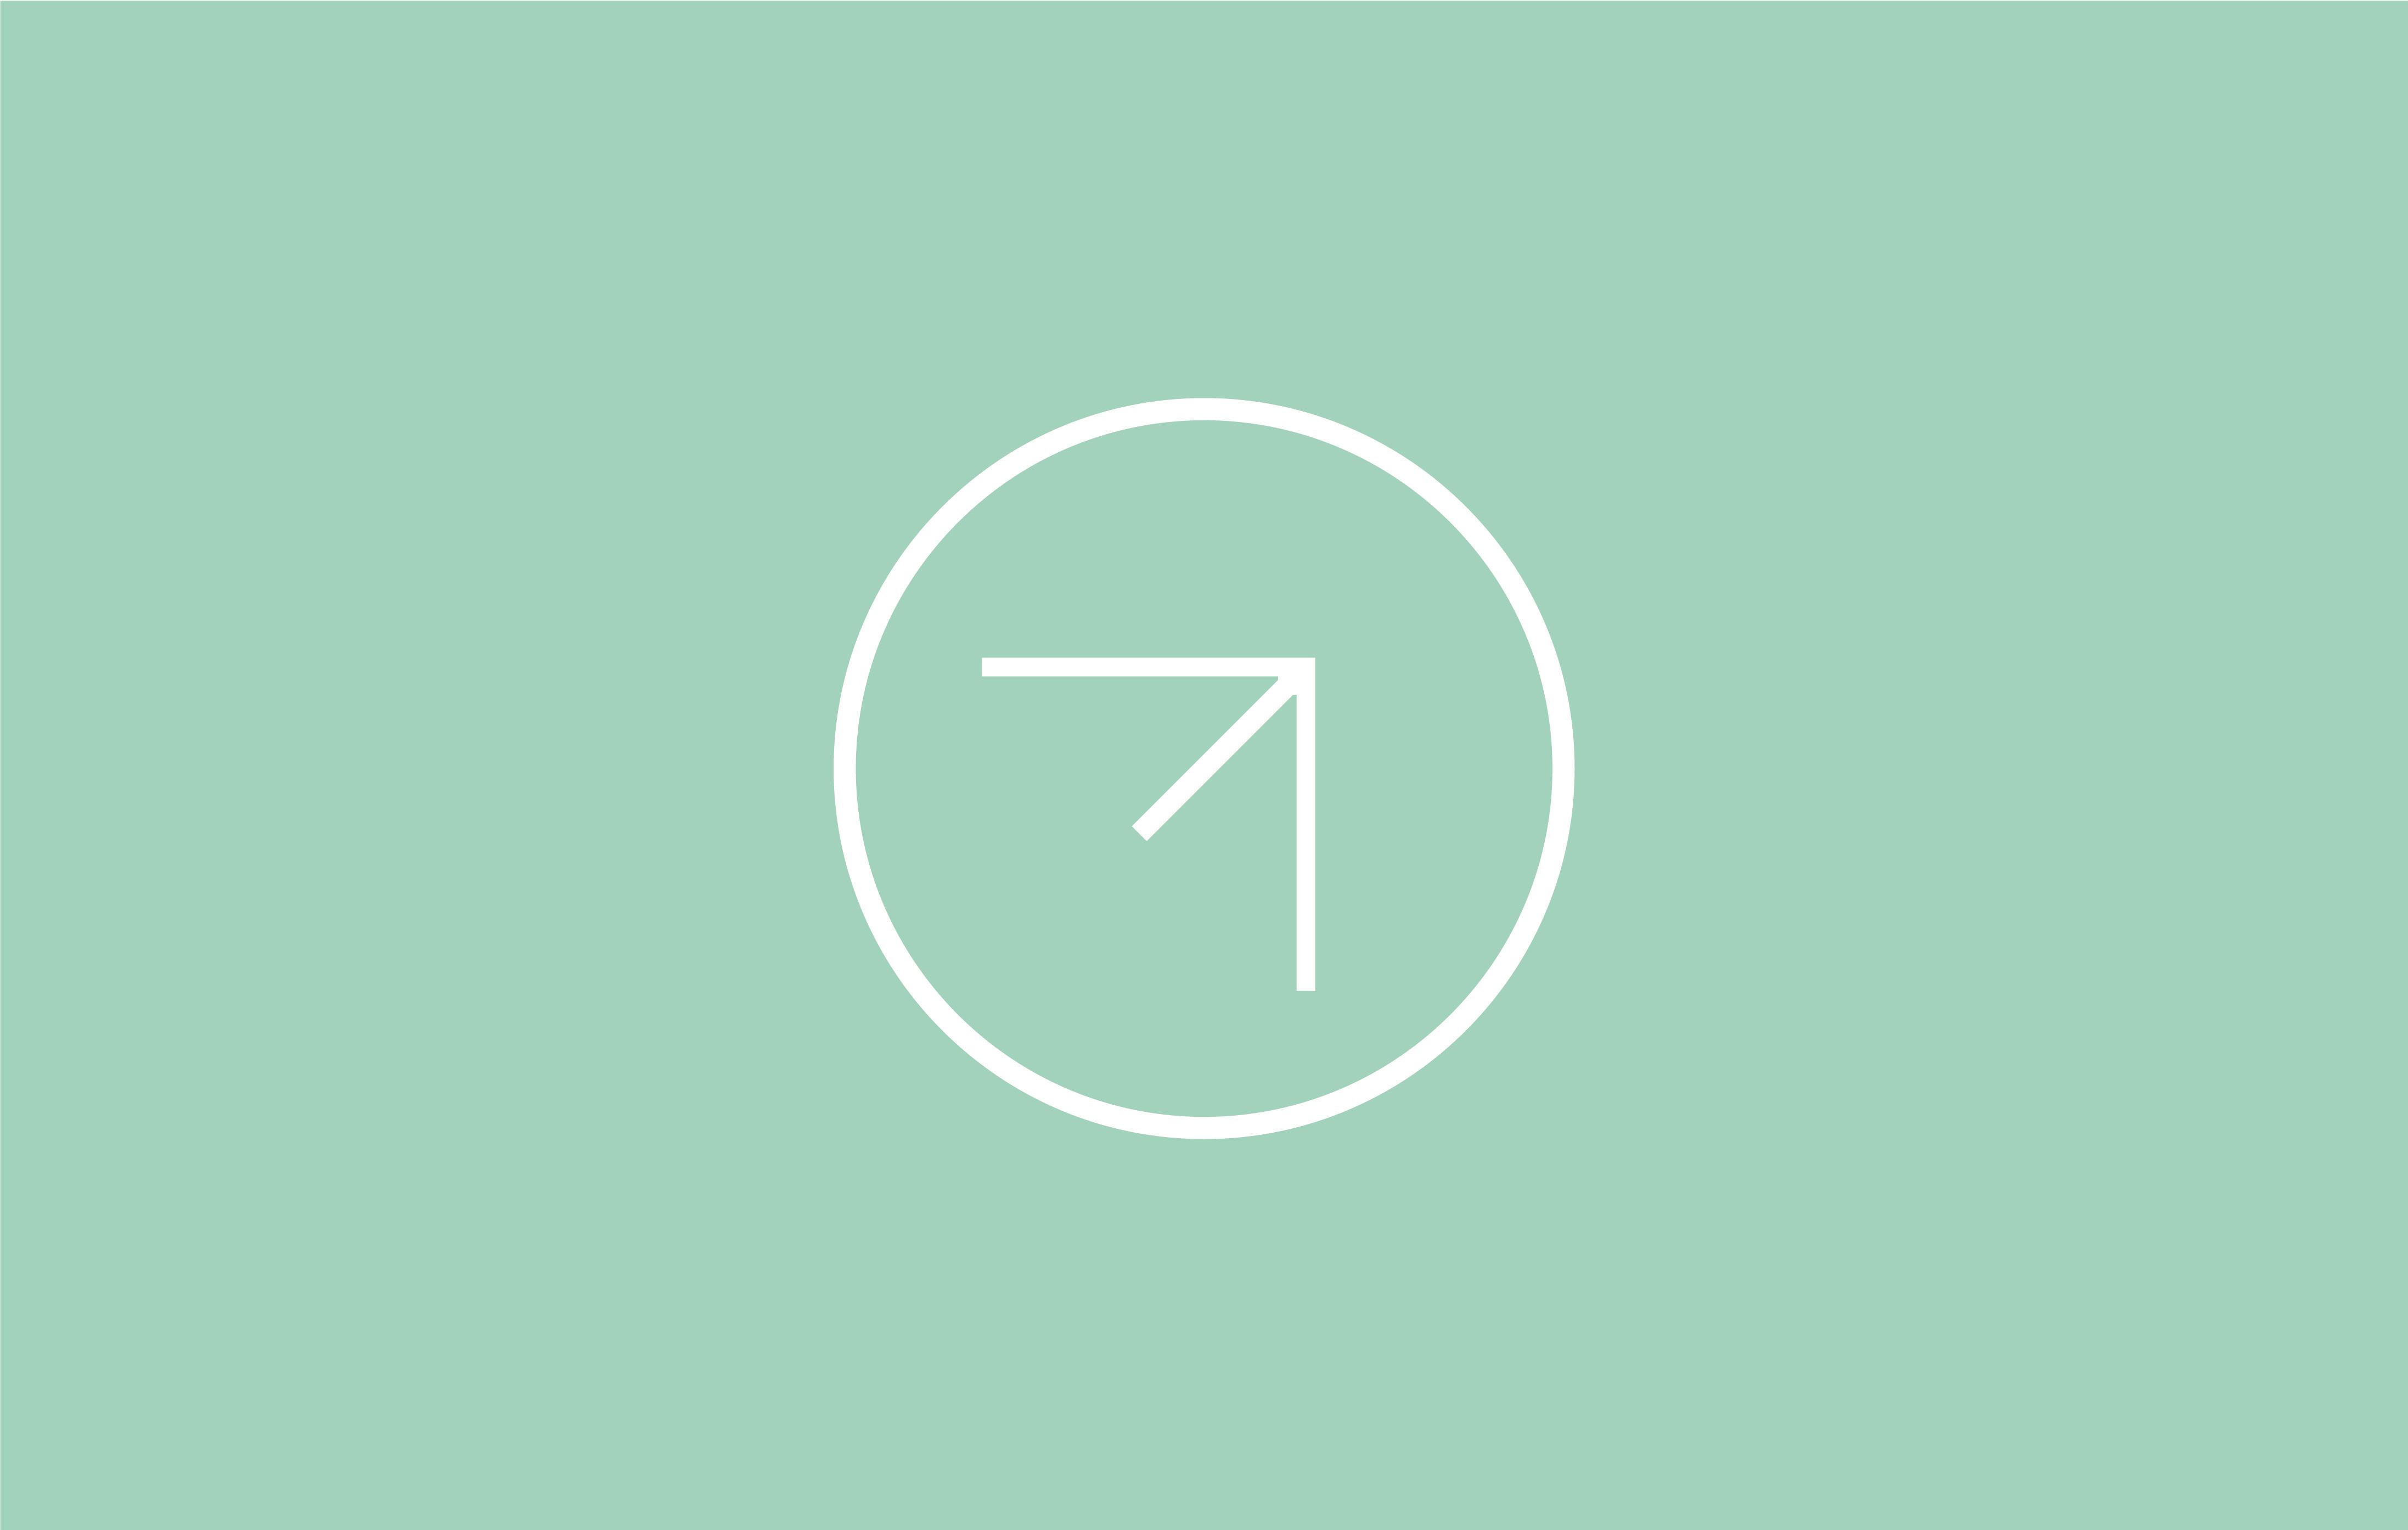 Lean Finance- Estudio Rana - Diseño Gráfico y Comunicación